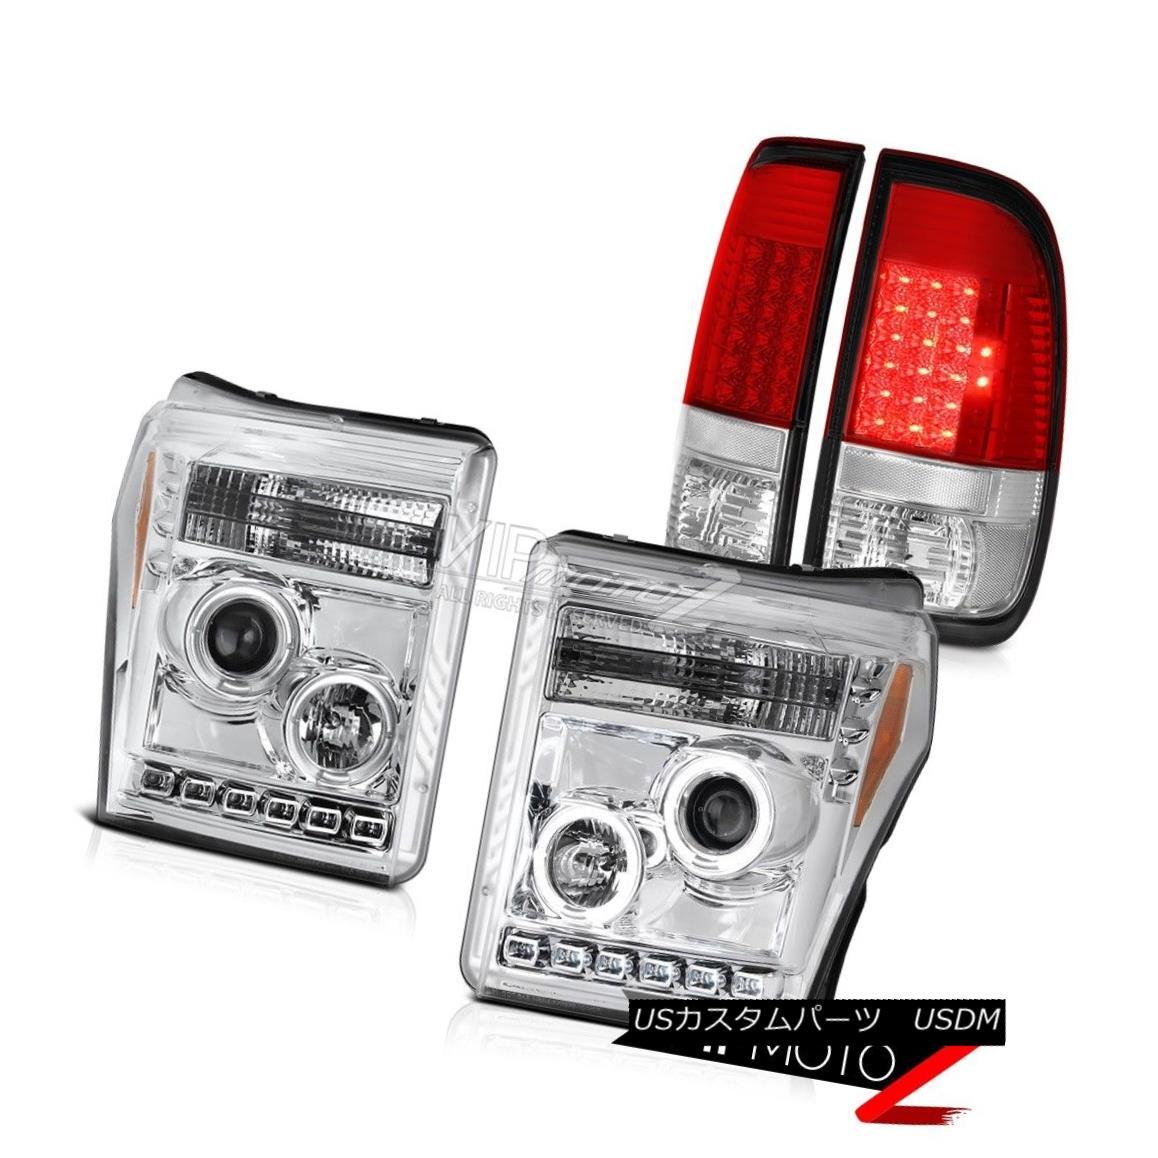 ヘッドライト 2011-2016 F350 Lariat Red Rear Brake Lamps Chrome Projector Headlights Halo Rim 2011-2016 F350ラリアートレッドリアブレーキランプクロームプロジェクターヘッドライトハローリム